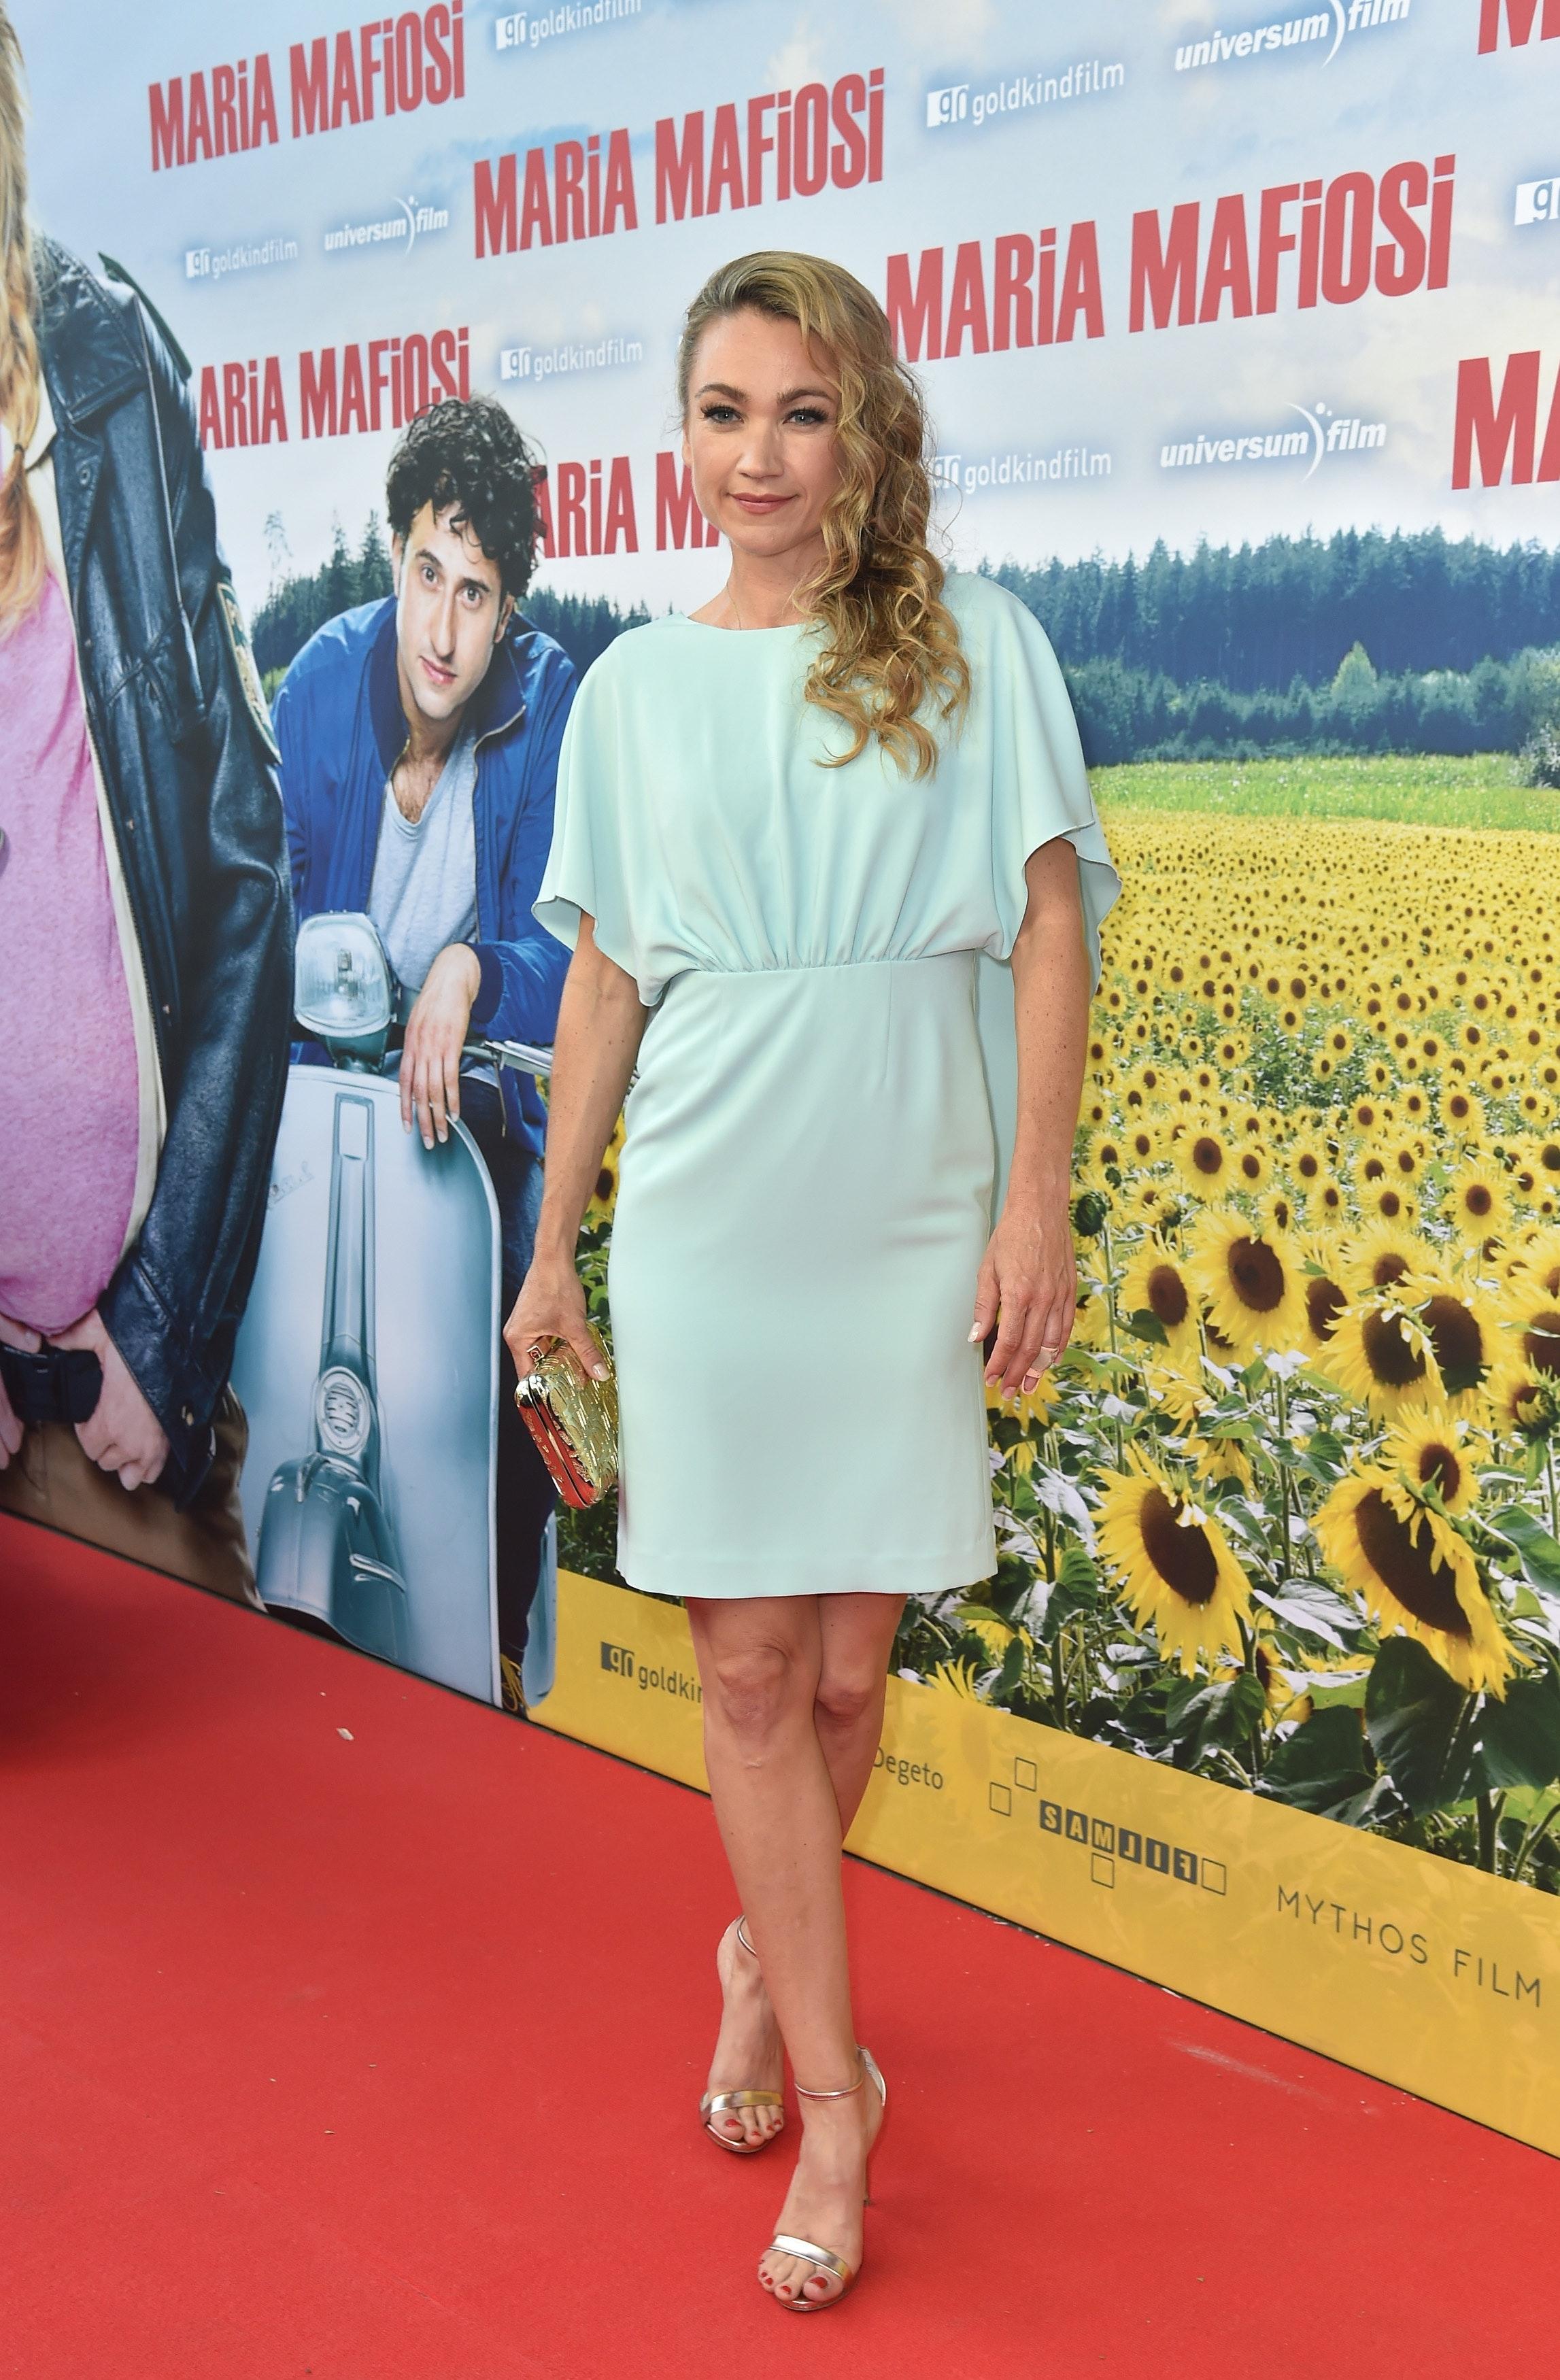 Für die Premiere des Filmes Maria Mafiosi wählte sie ein mintfarbenes Etuikleid